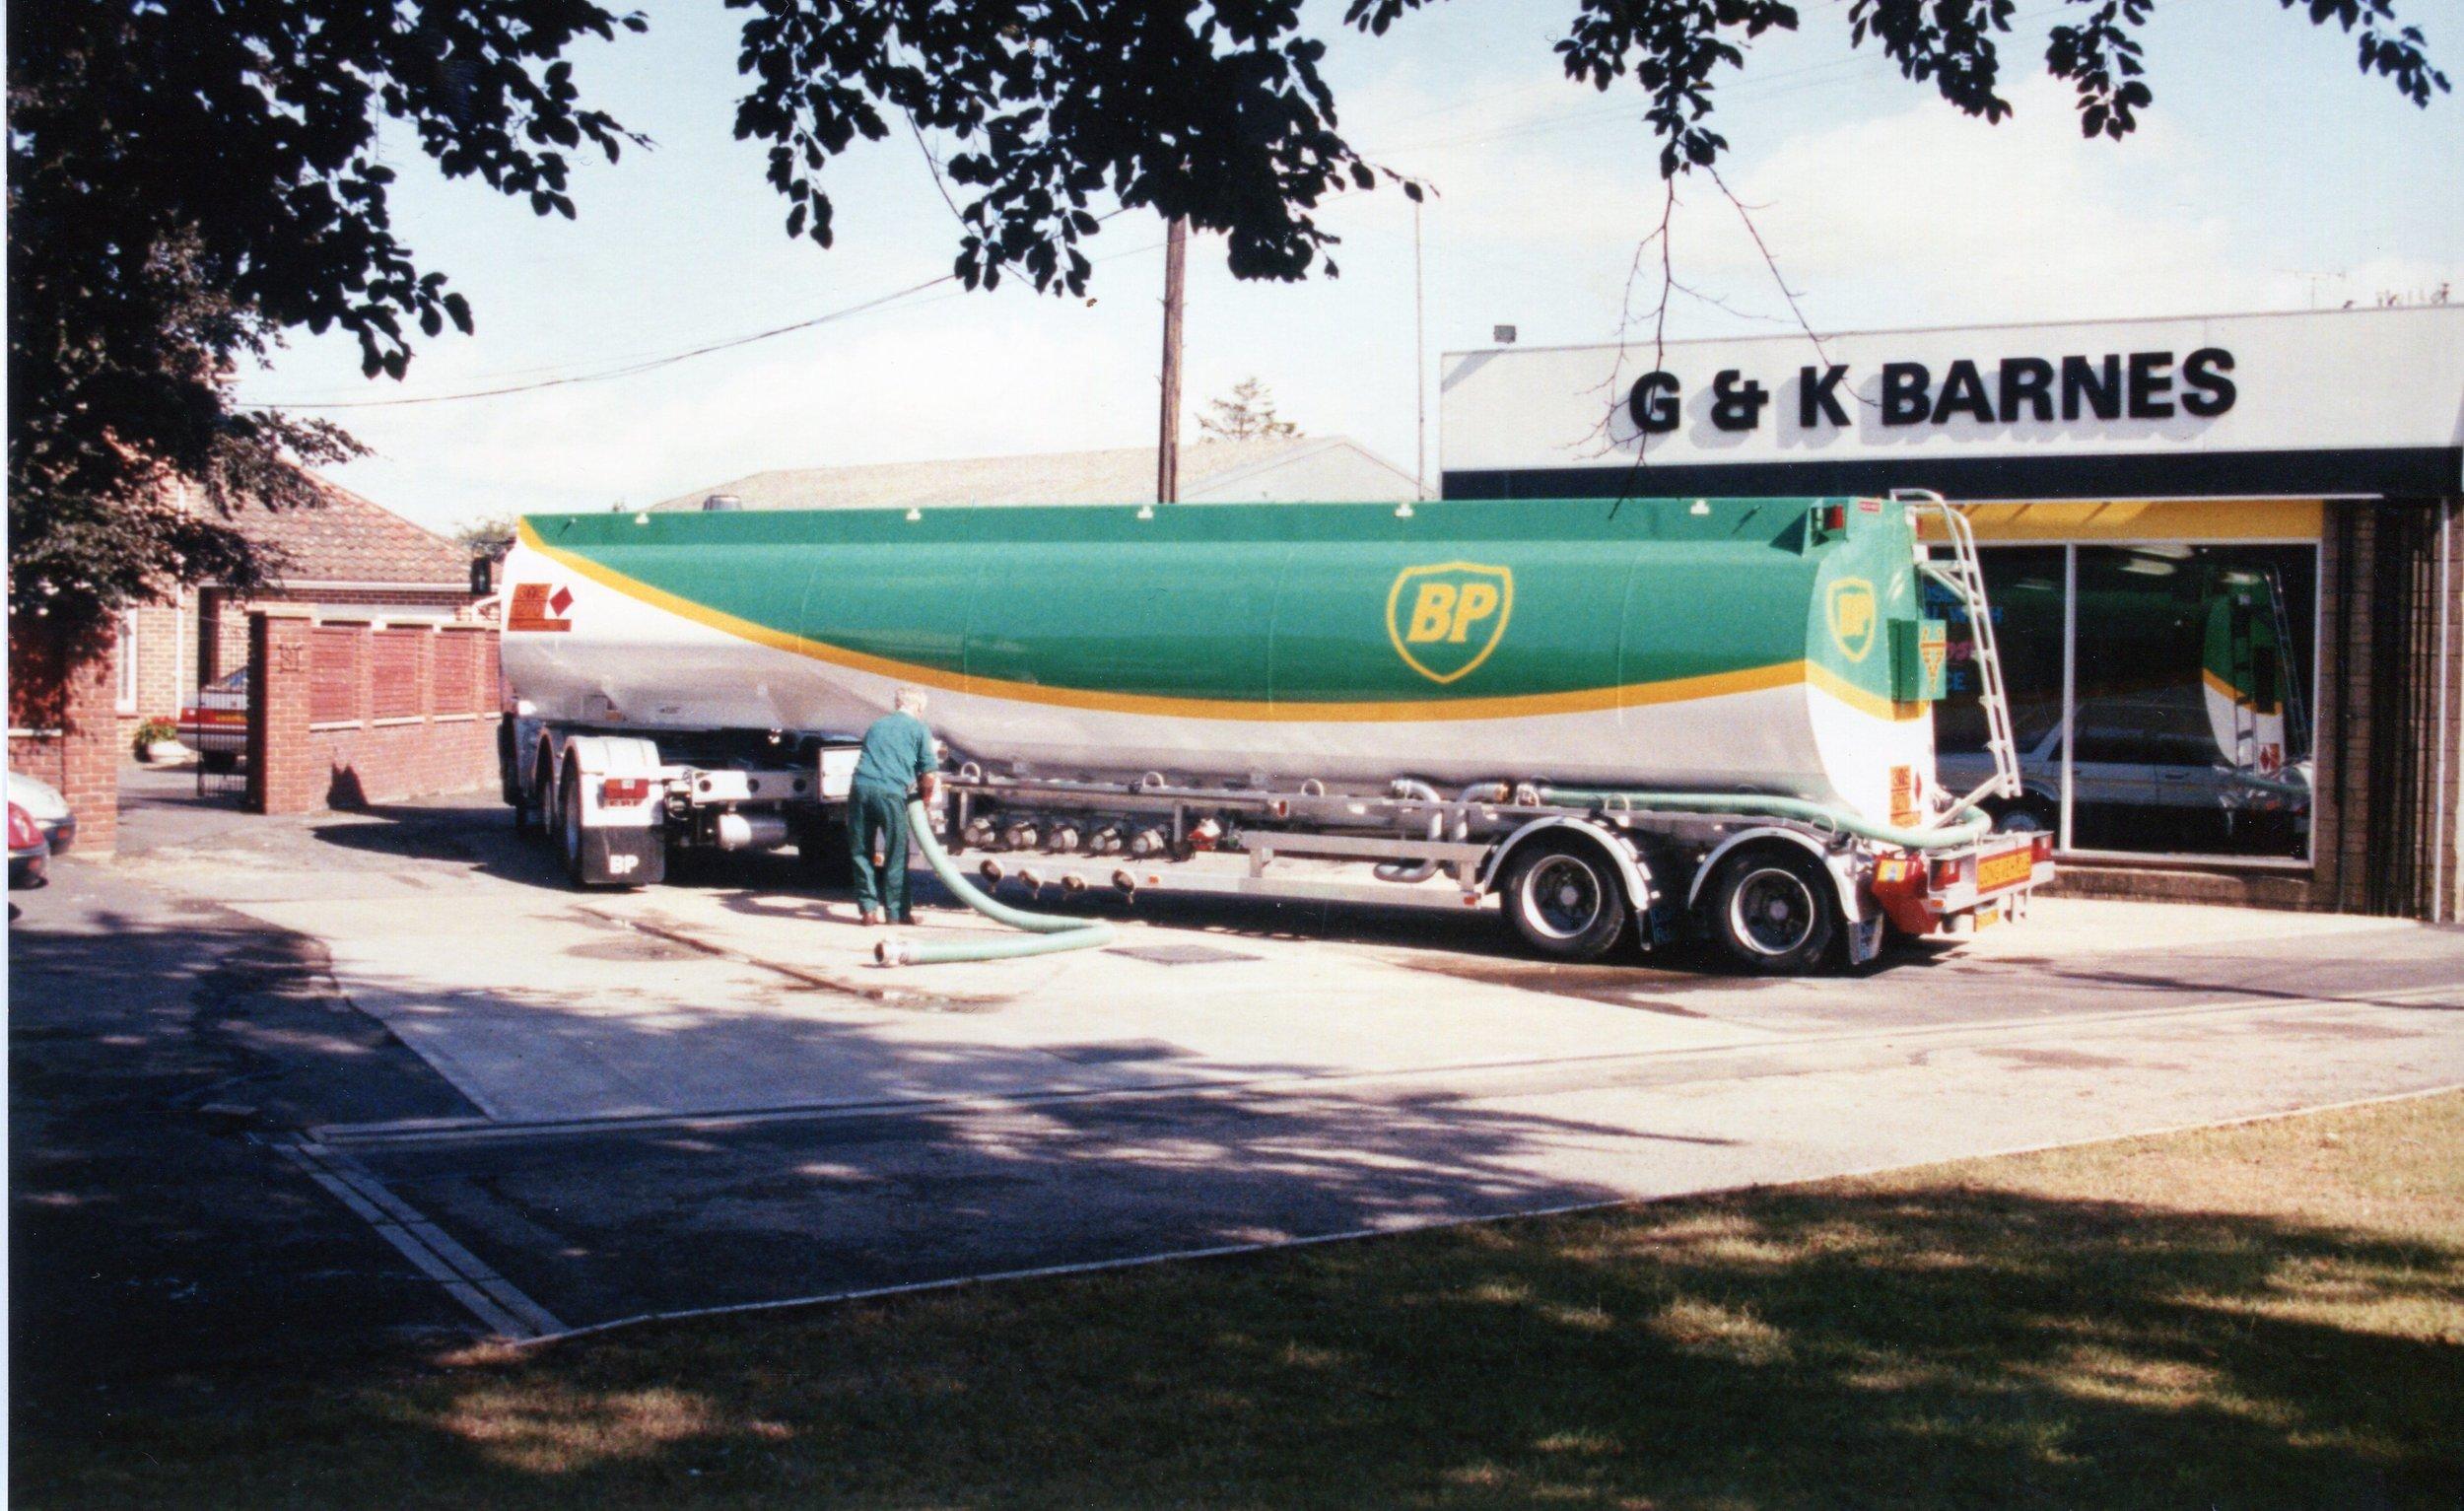 G & K Barnes tanker, Lyneham.jpg